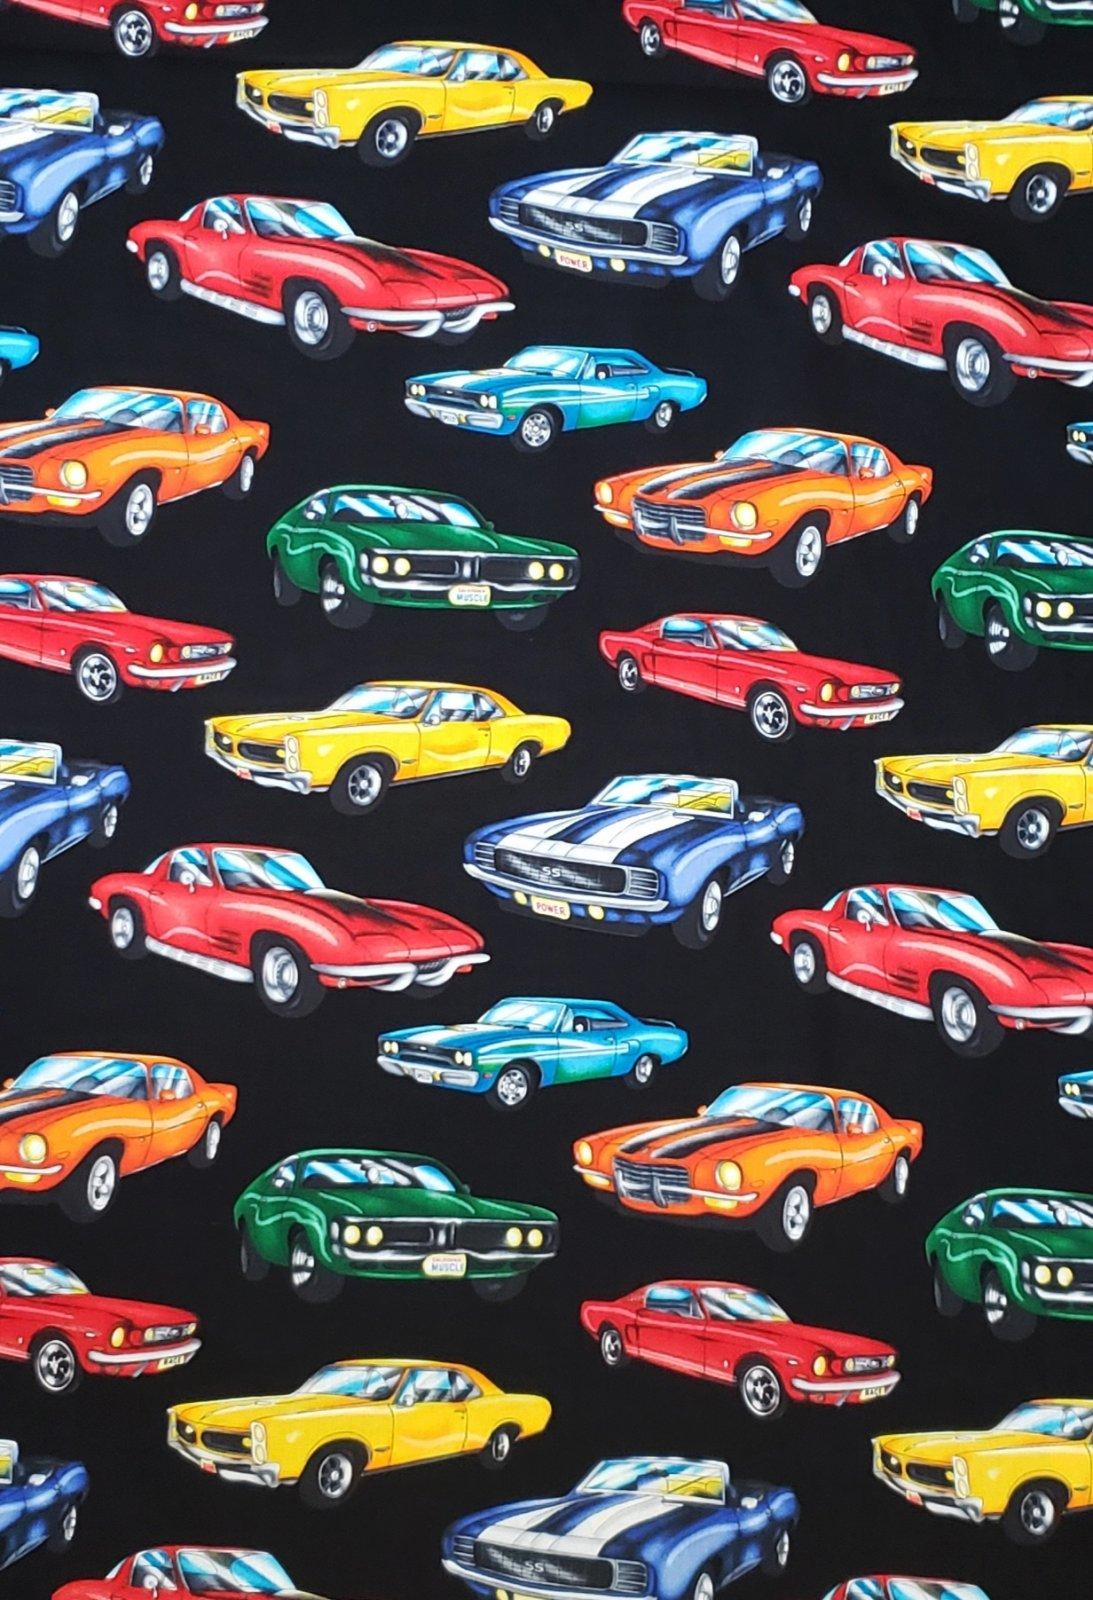 Cars C2476 Black Cars